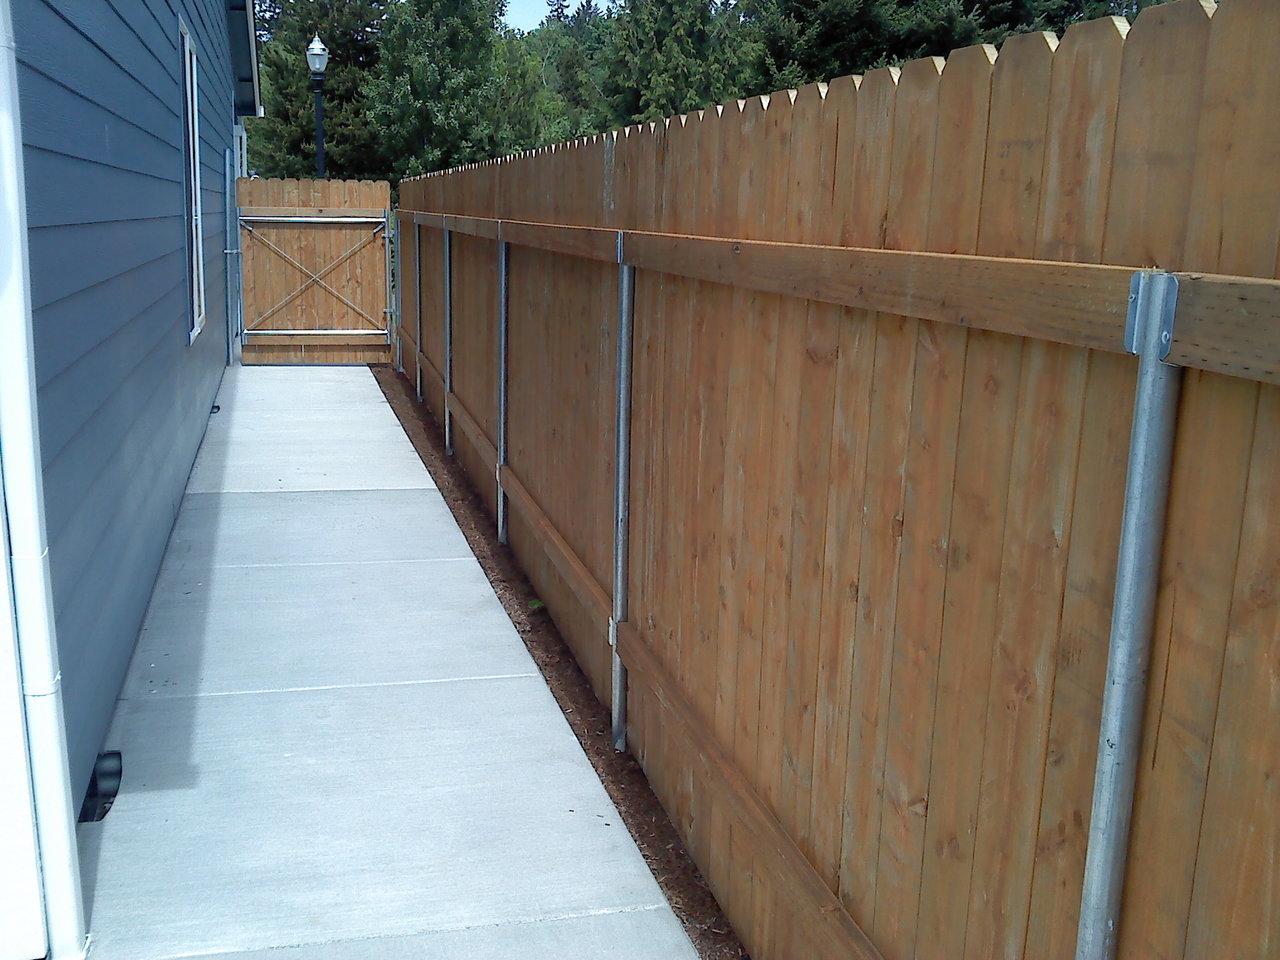 pressure treated wood fences